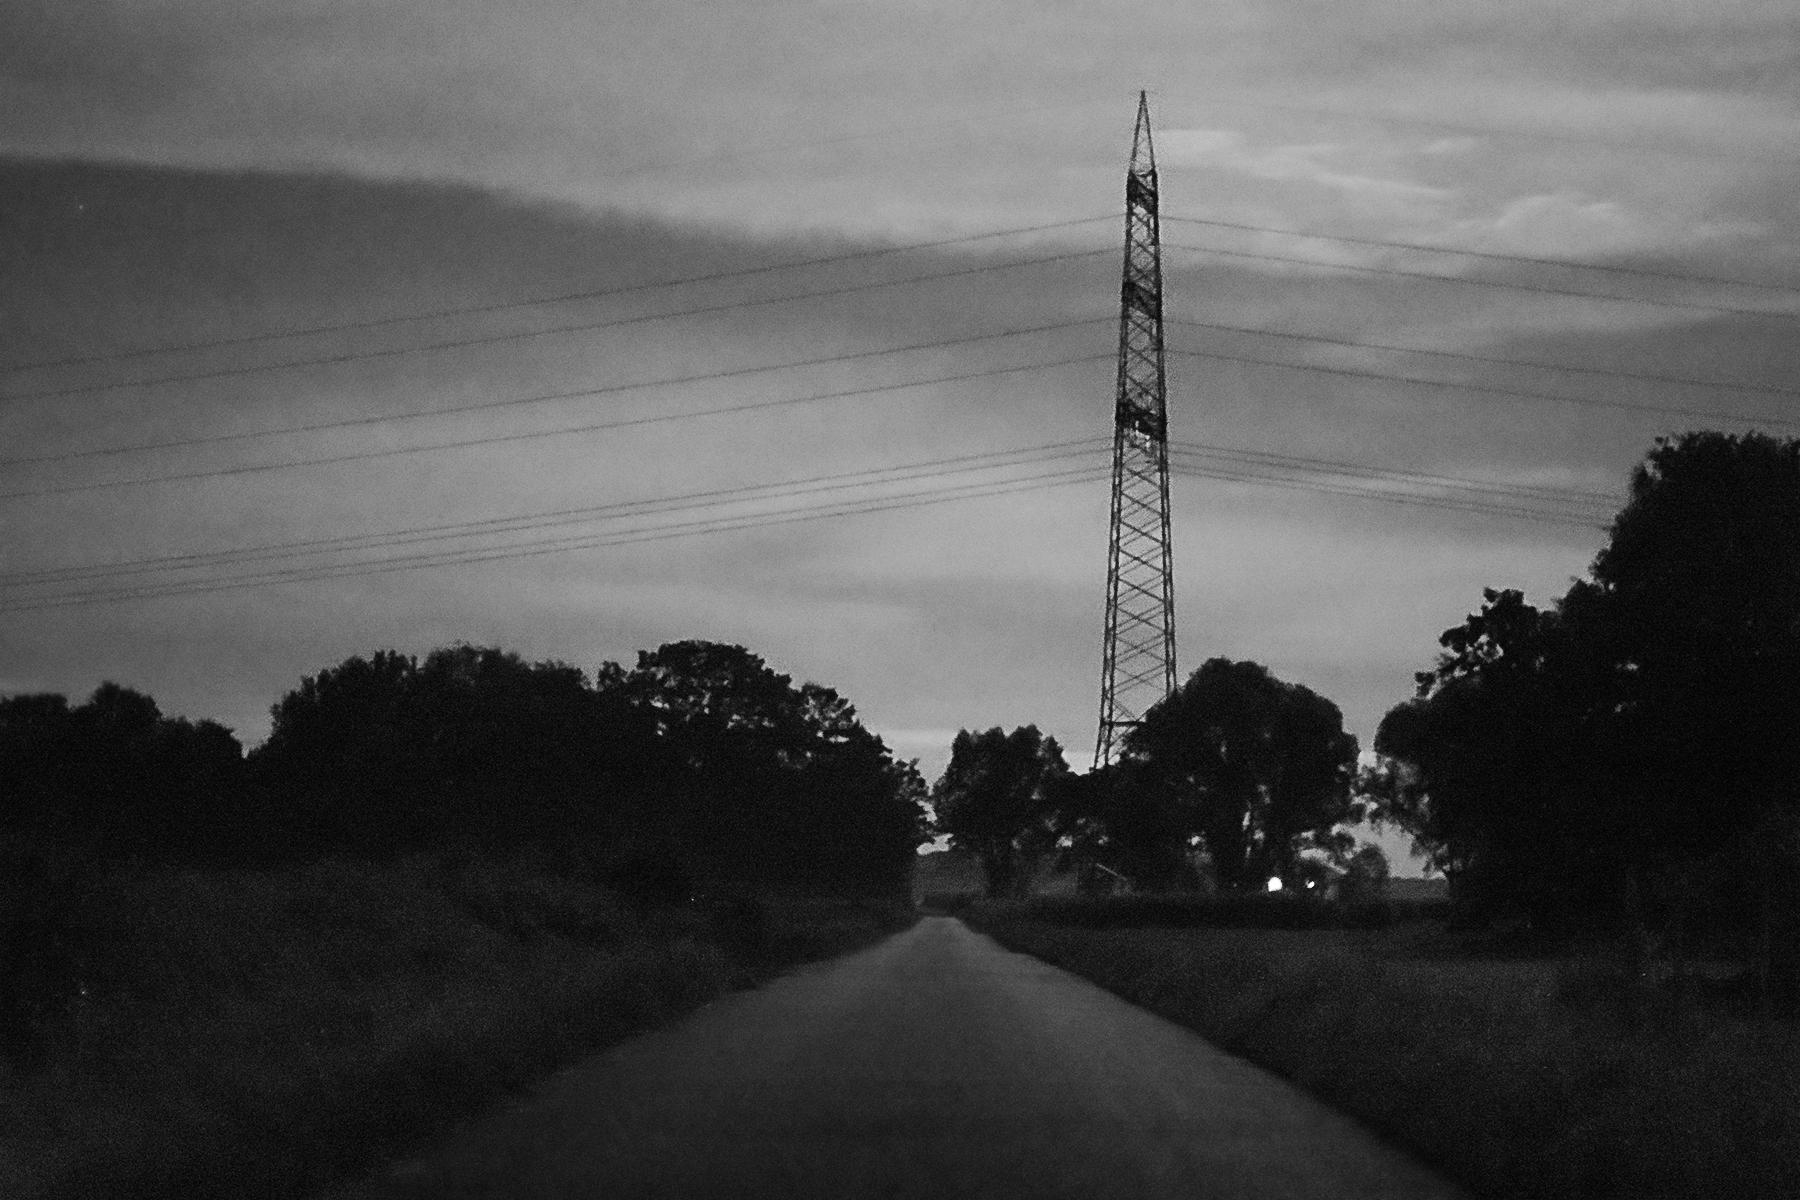 Dank eines extrem hohen ISO-Wertes von 102.000 sind selbst noch Strukturen erkennbar die mit bloßem Auge nicht zu sehen sind, allerdings leidet die Bildqualität darunter; wie sehr diese leidet hängt allerdings vom Kameramodell ab. Dieses Bild ist um 3Uhr nachts in völliger Dunkelheit bei Neumond, am Waldrand, entstanden. 50mm, 1/30sec, f/1.4, ISO 102.000